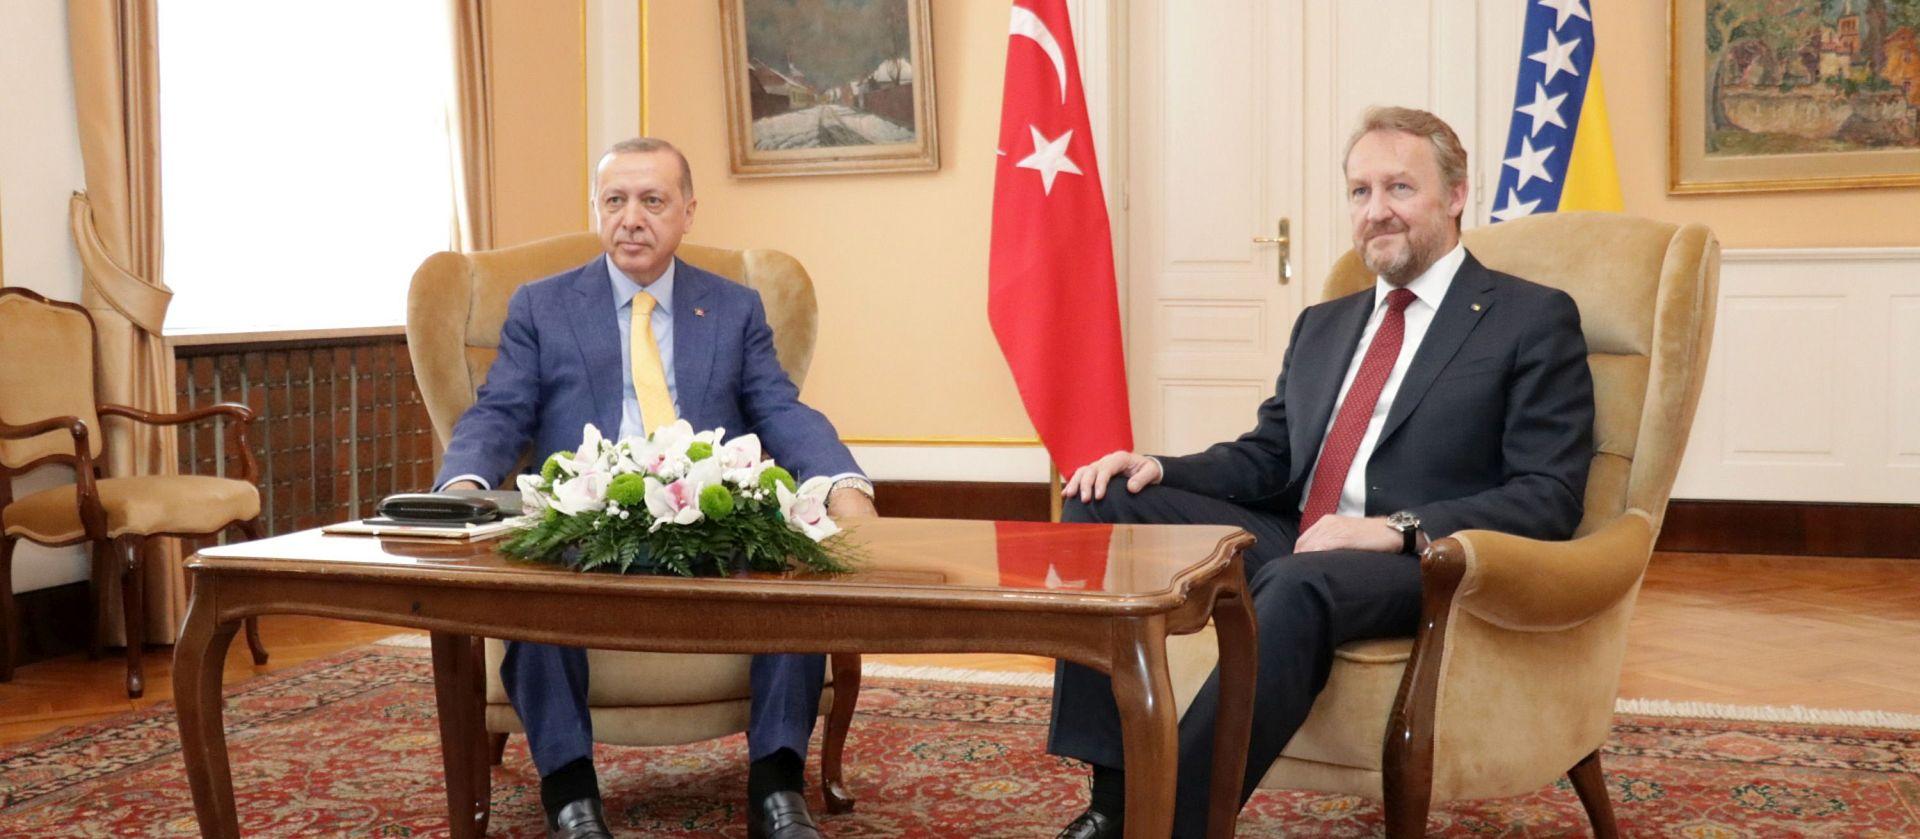 Erdogan obećao potporu BiH, traži pomoć u obračunu s protivnicima